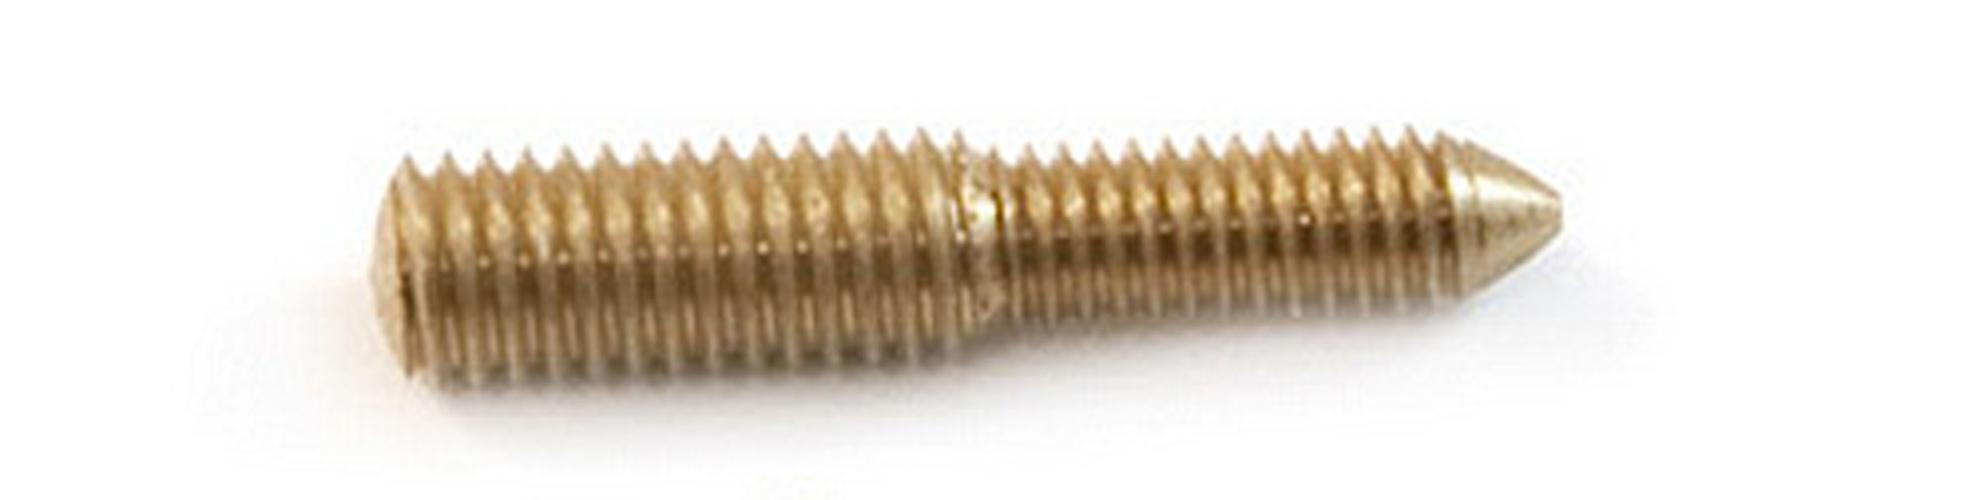 U-Tube Screw - Brass